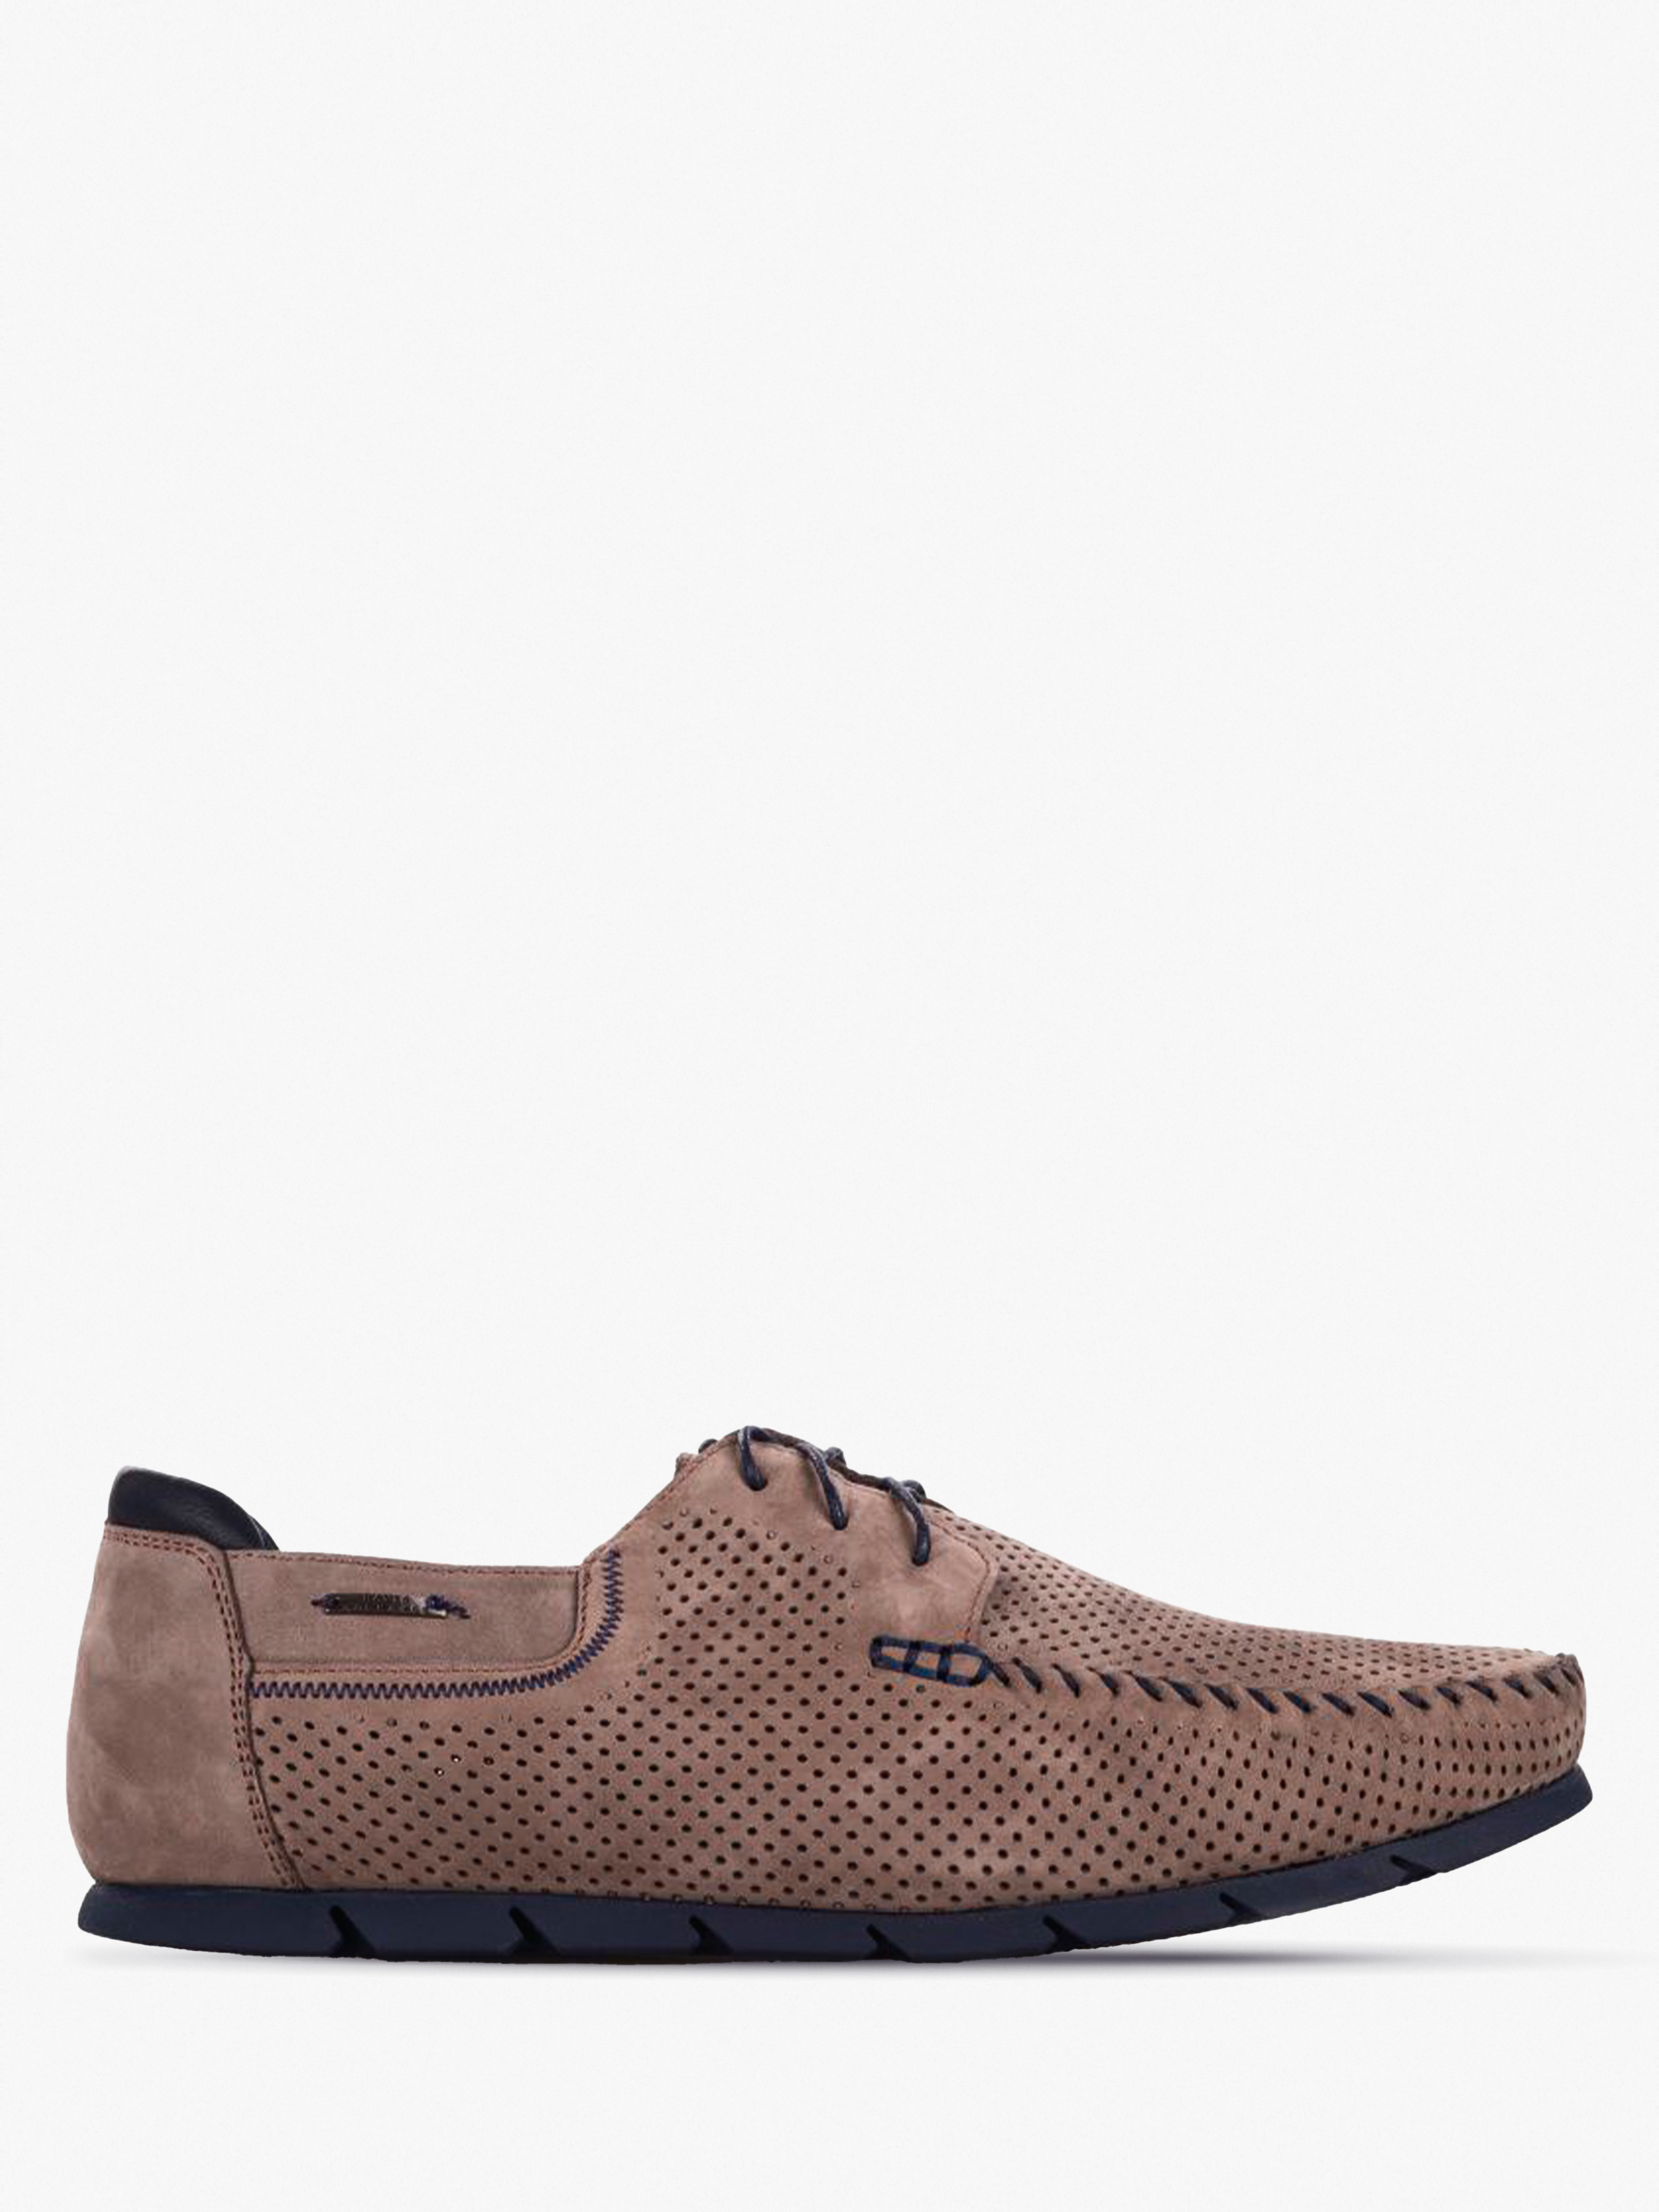 Полуботинки для мужчин Davis dynamic shoes 9O56 смотреть, 2017